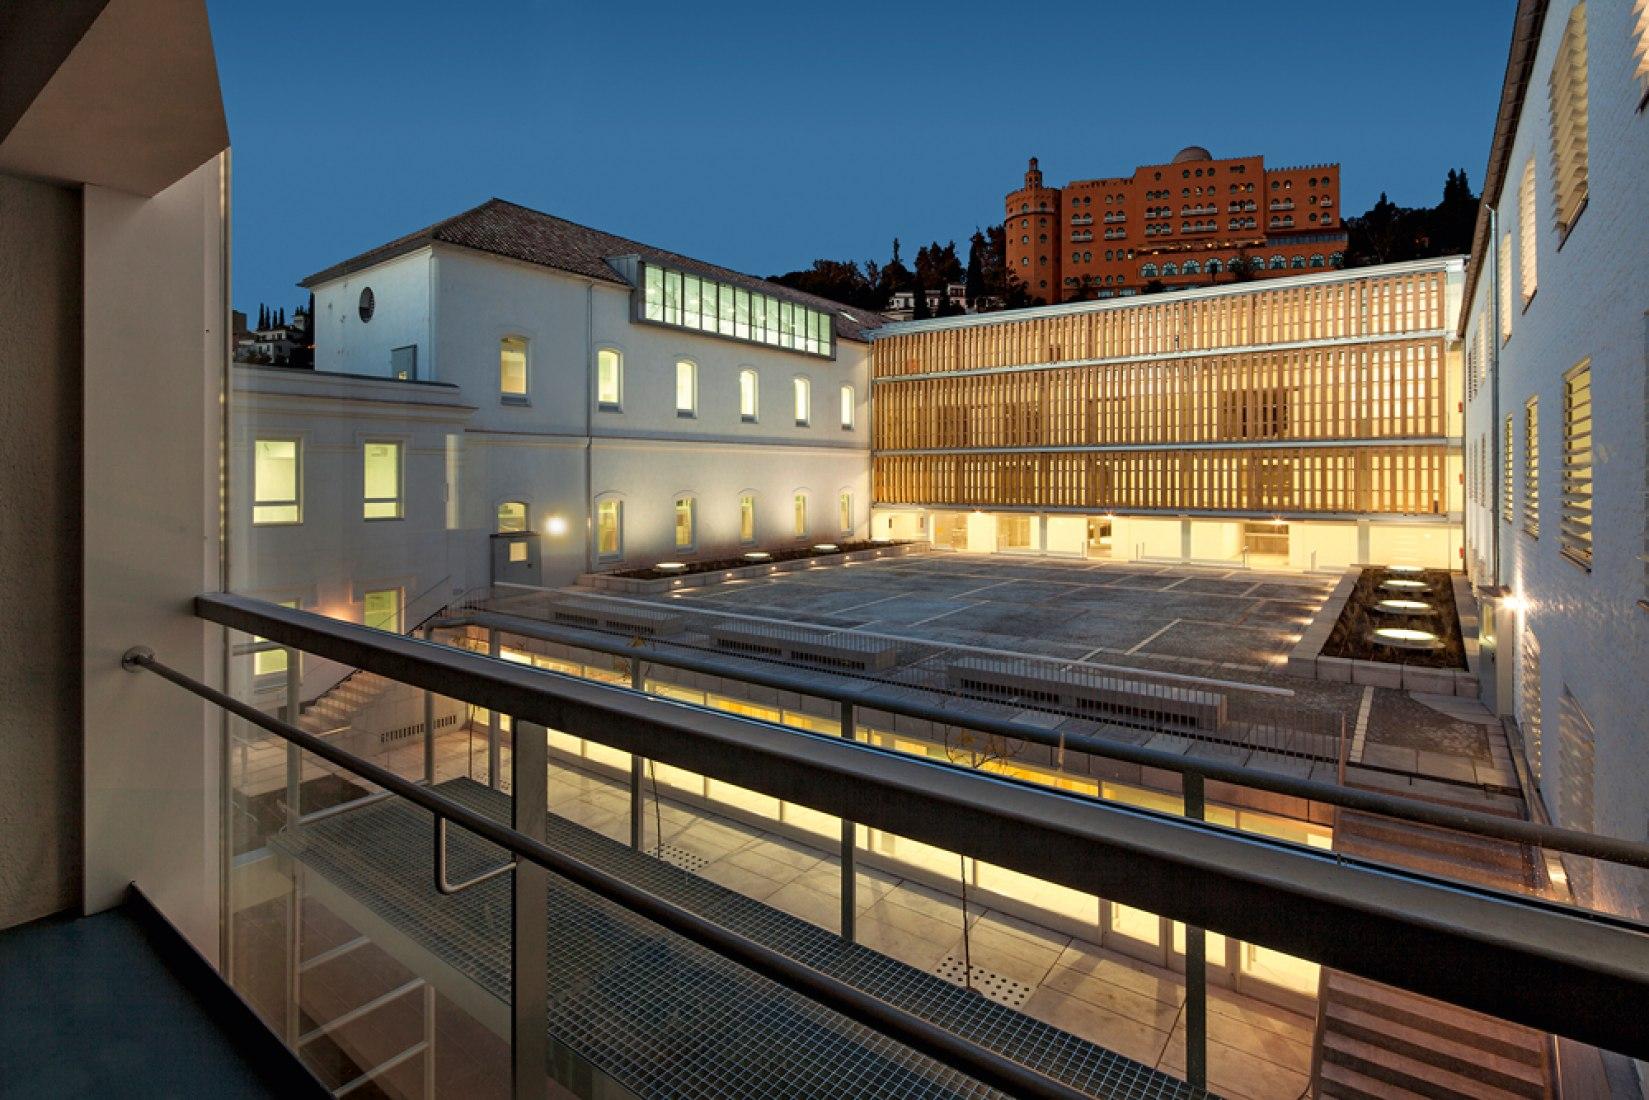 Rehabilitación del antiguo hospital militar para la Escuela Técnica Superior de Arquitectura de Granada. Imagen vía CSCAE